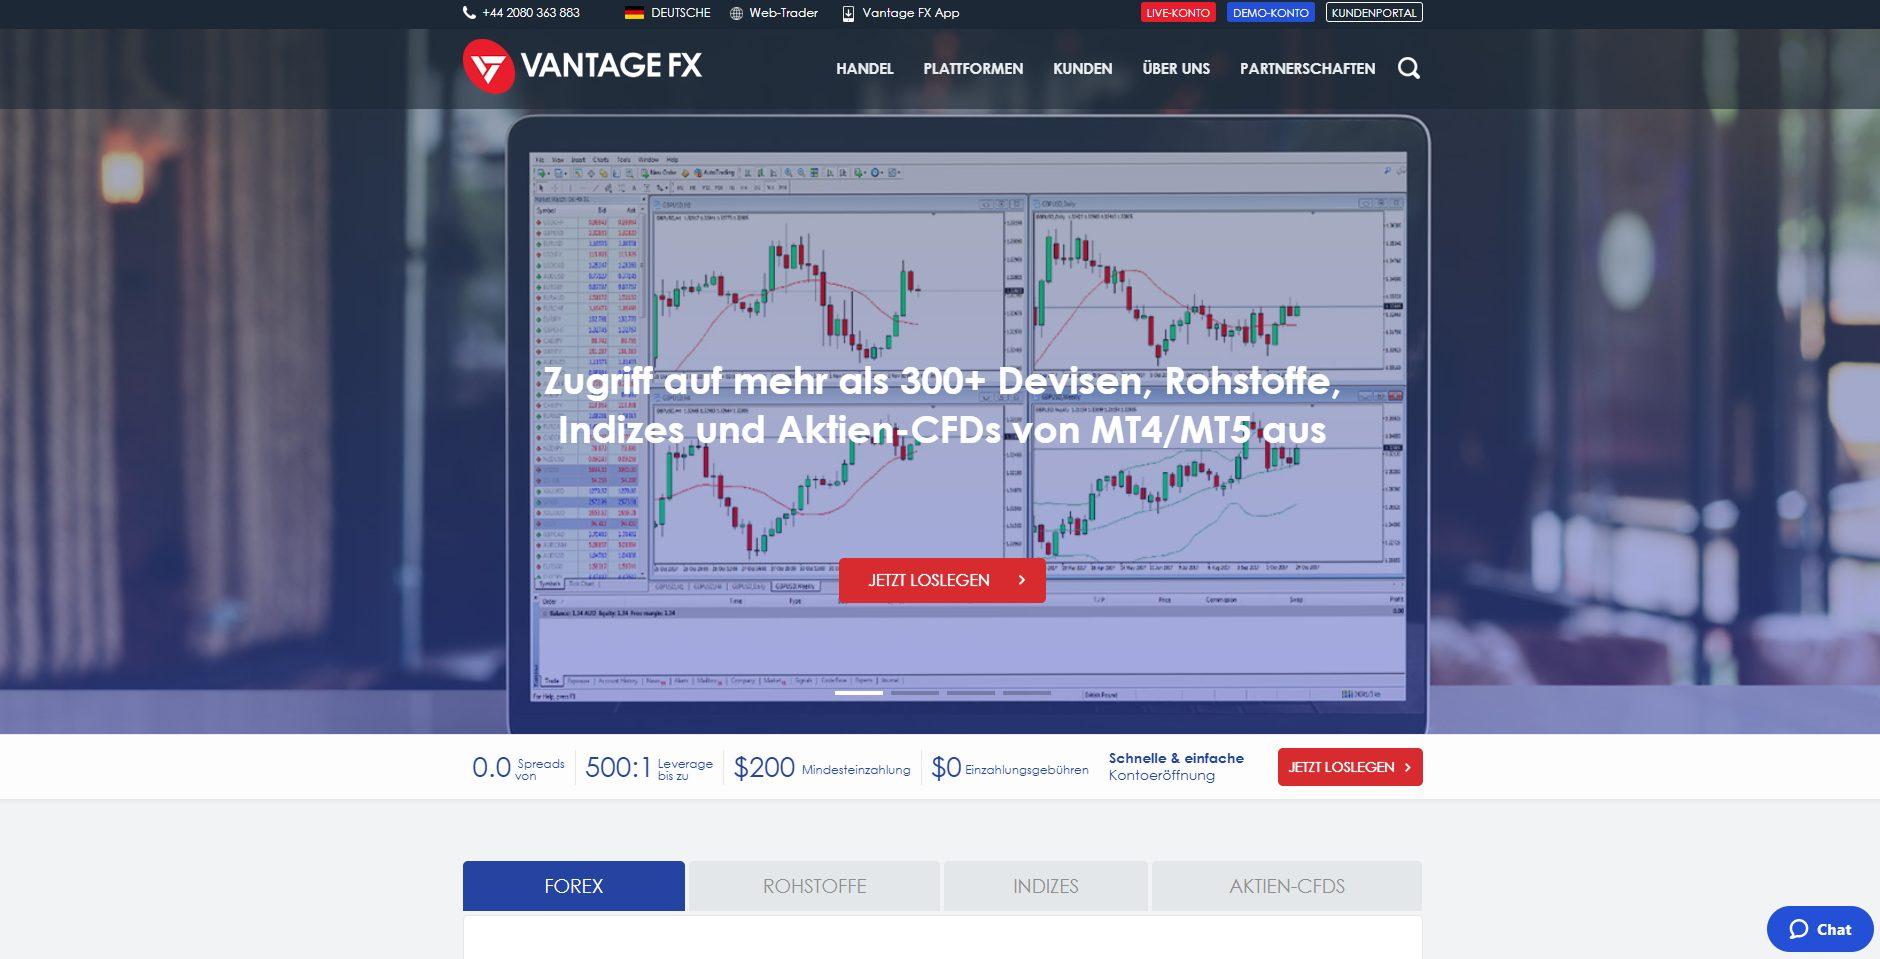 Offizielle Webseite von Vantage FX